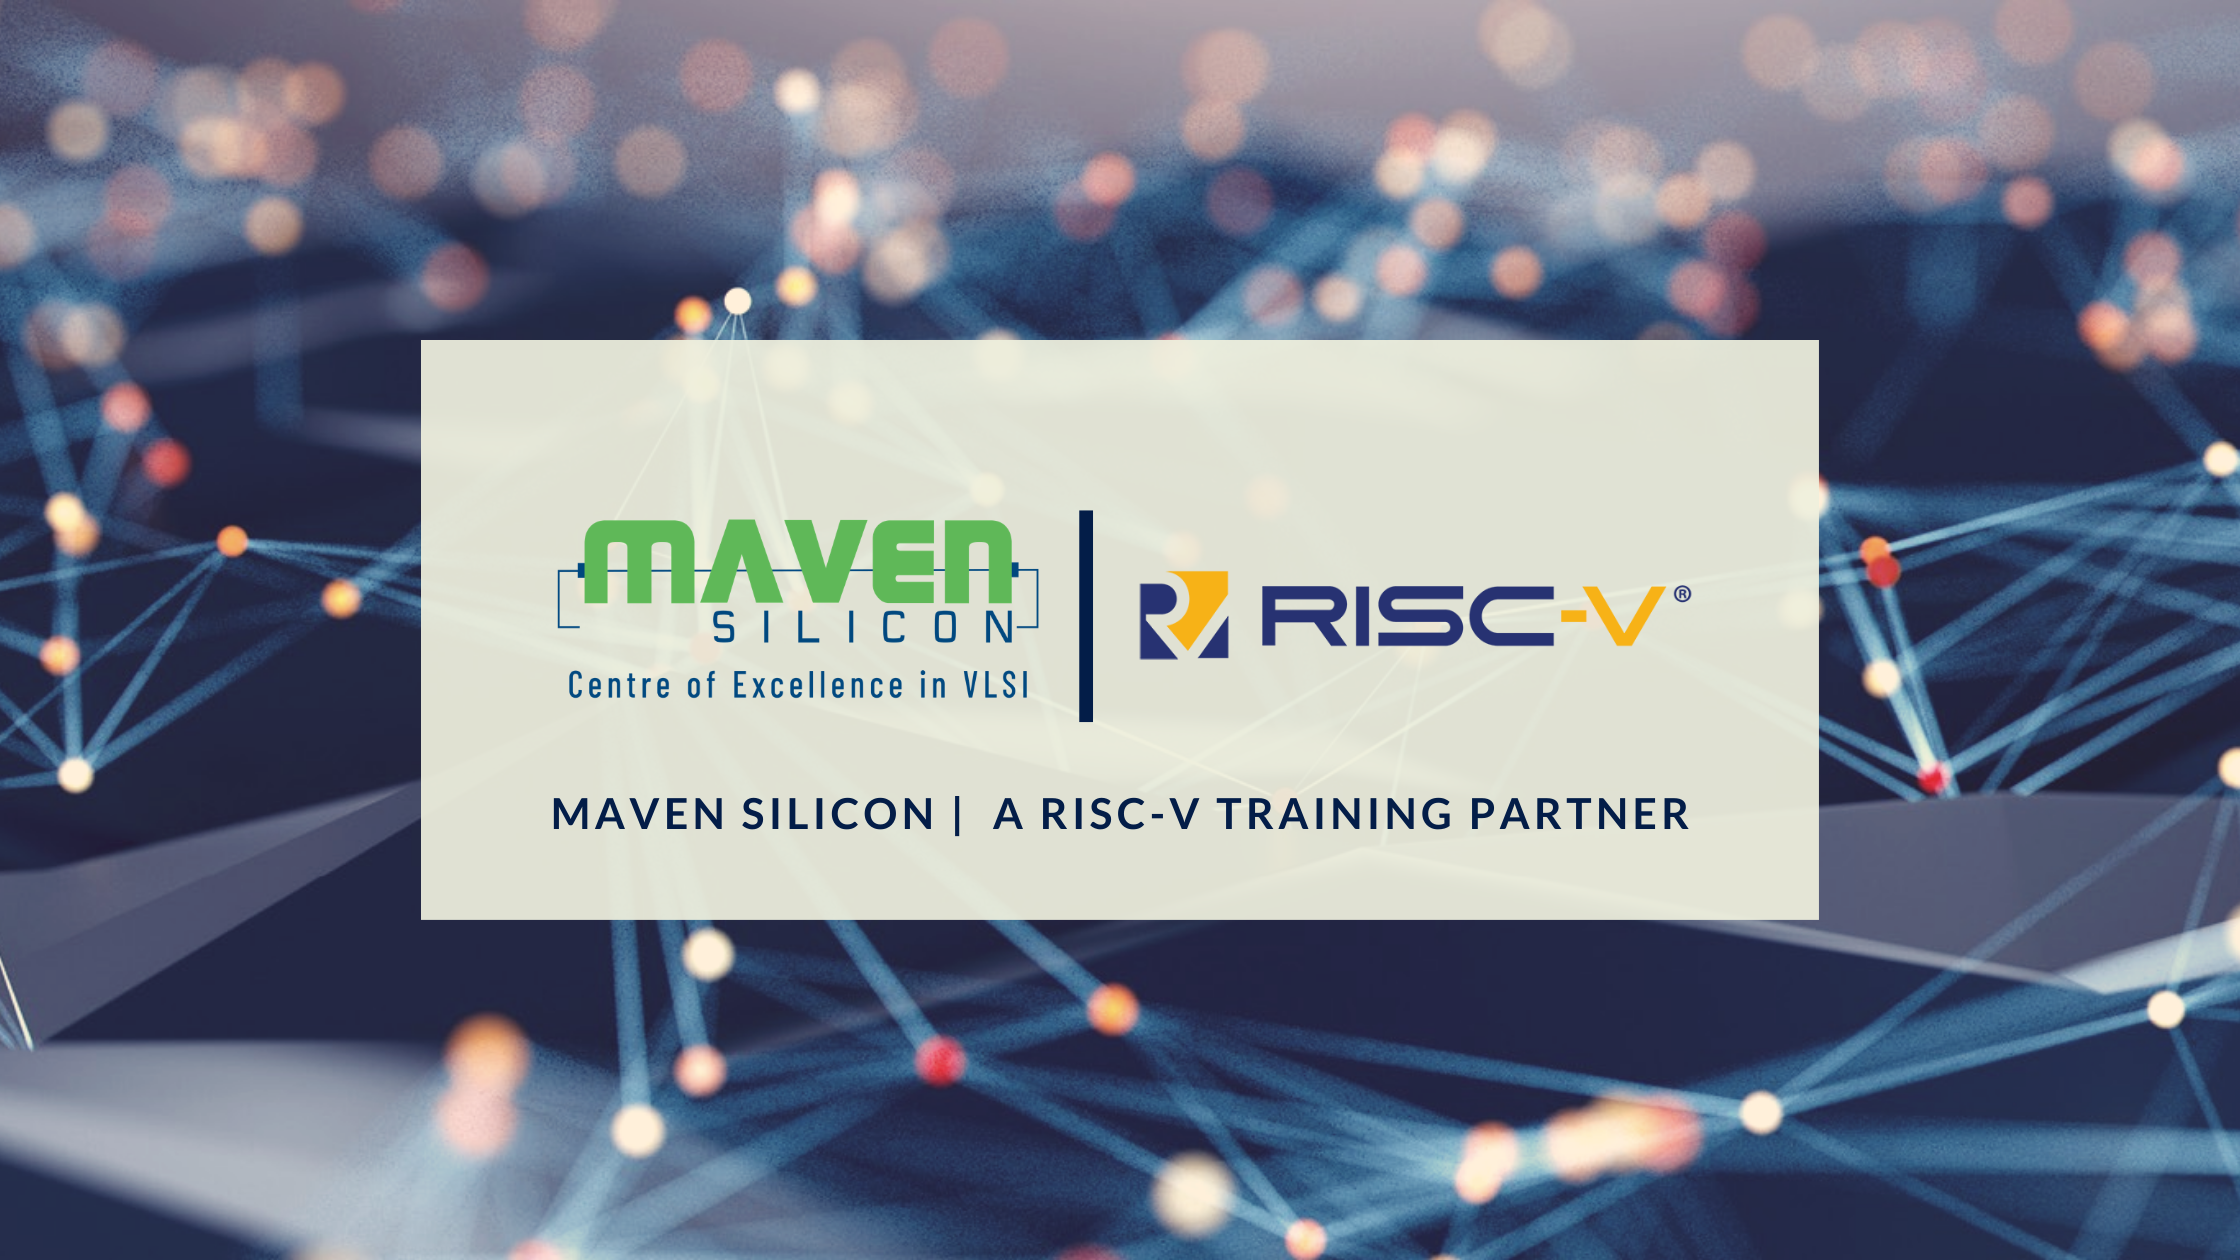 Maven Silicon – a RISC-V Training Partner